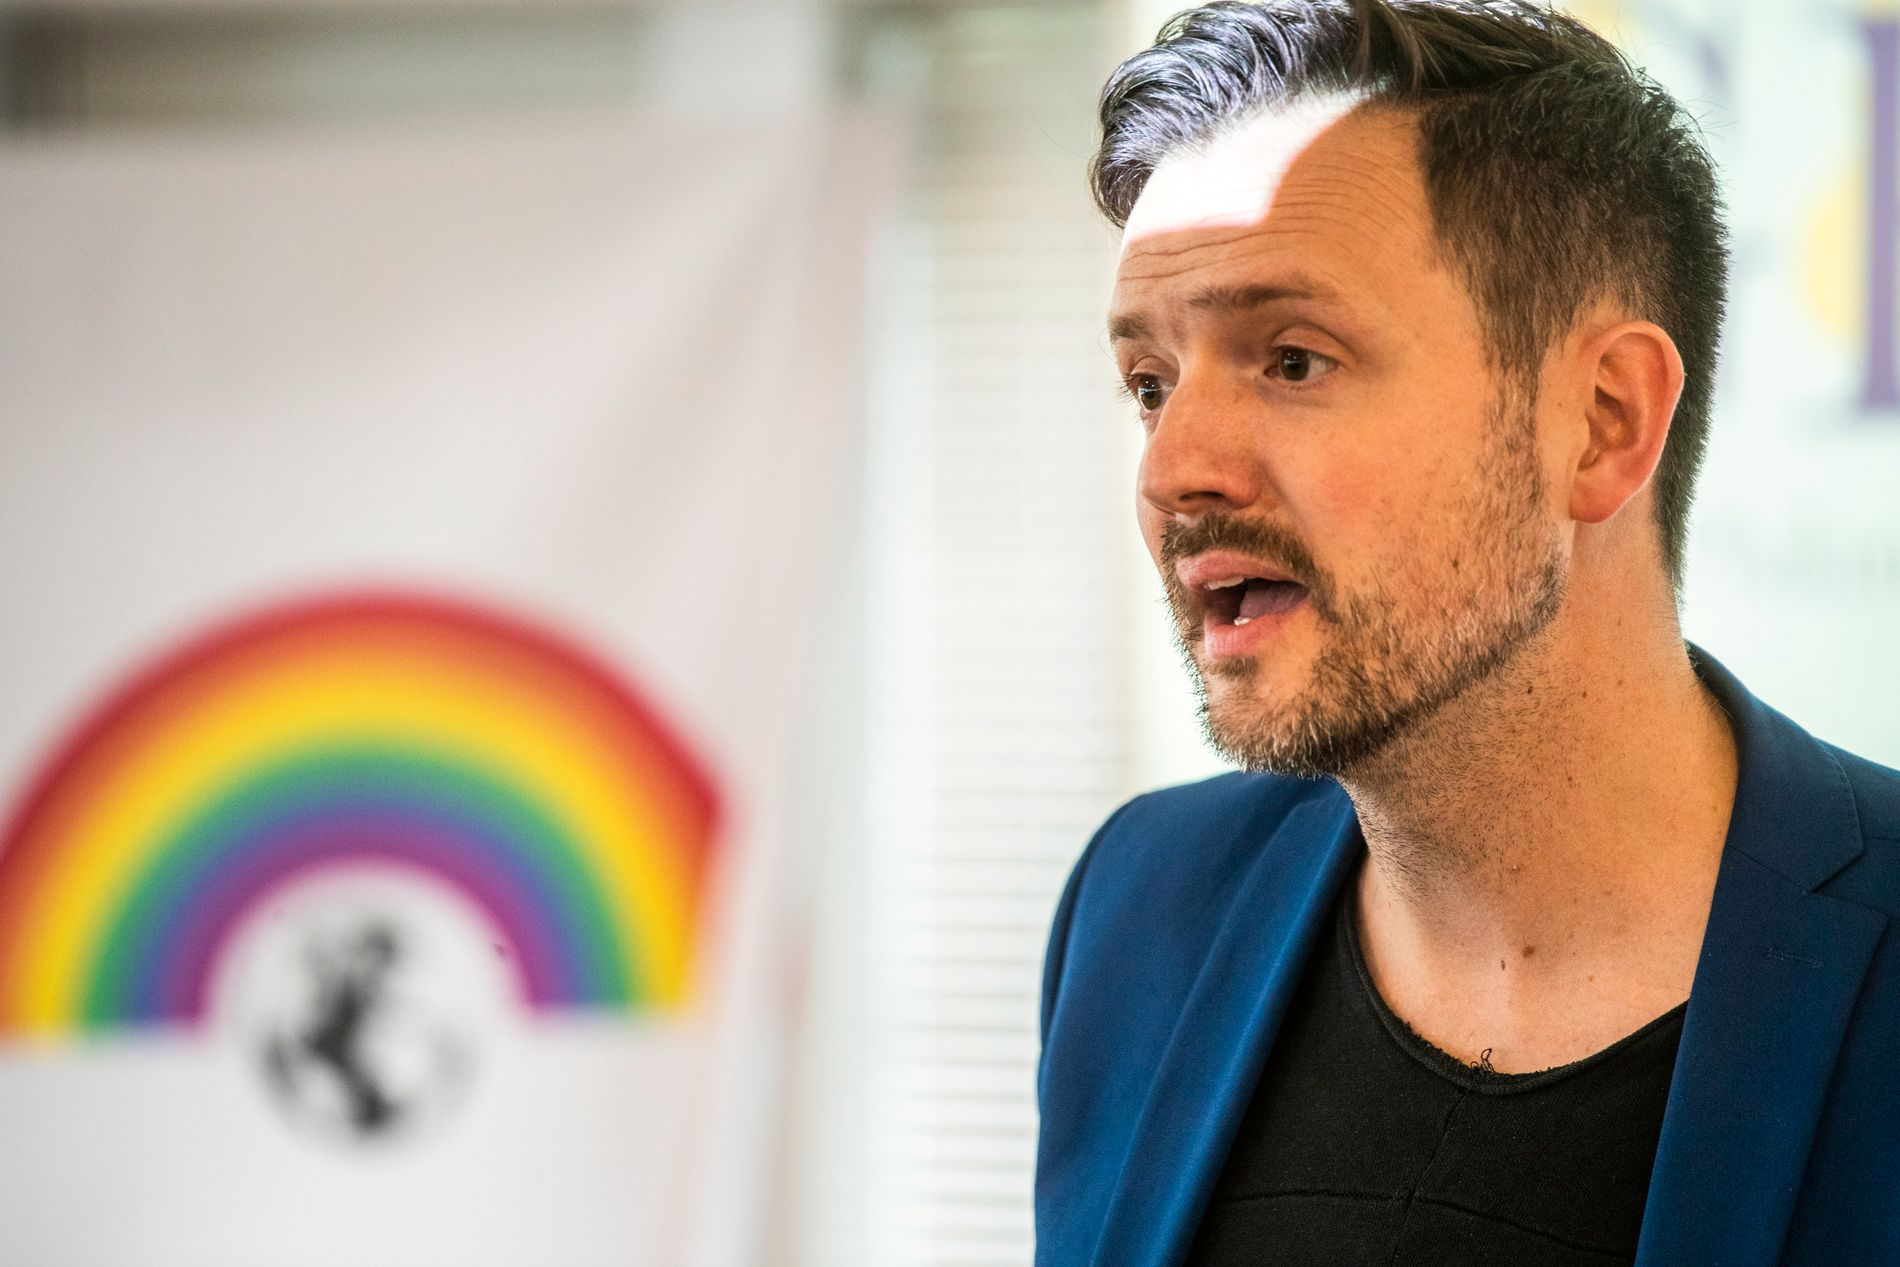 APPELL: Utviklingsminister Dag Inge Ulstein markerte Pride på et seminar hos Norad sist fredag.